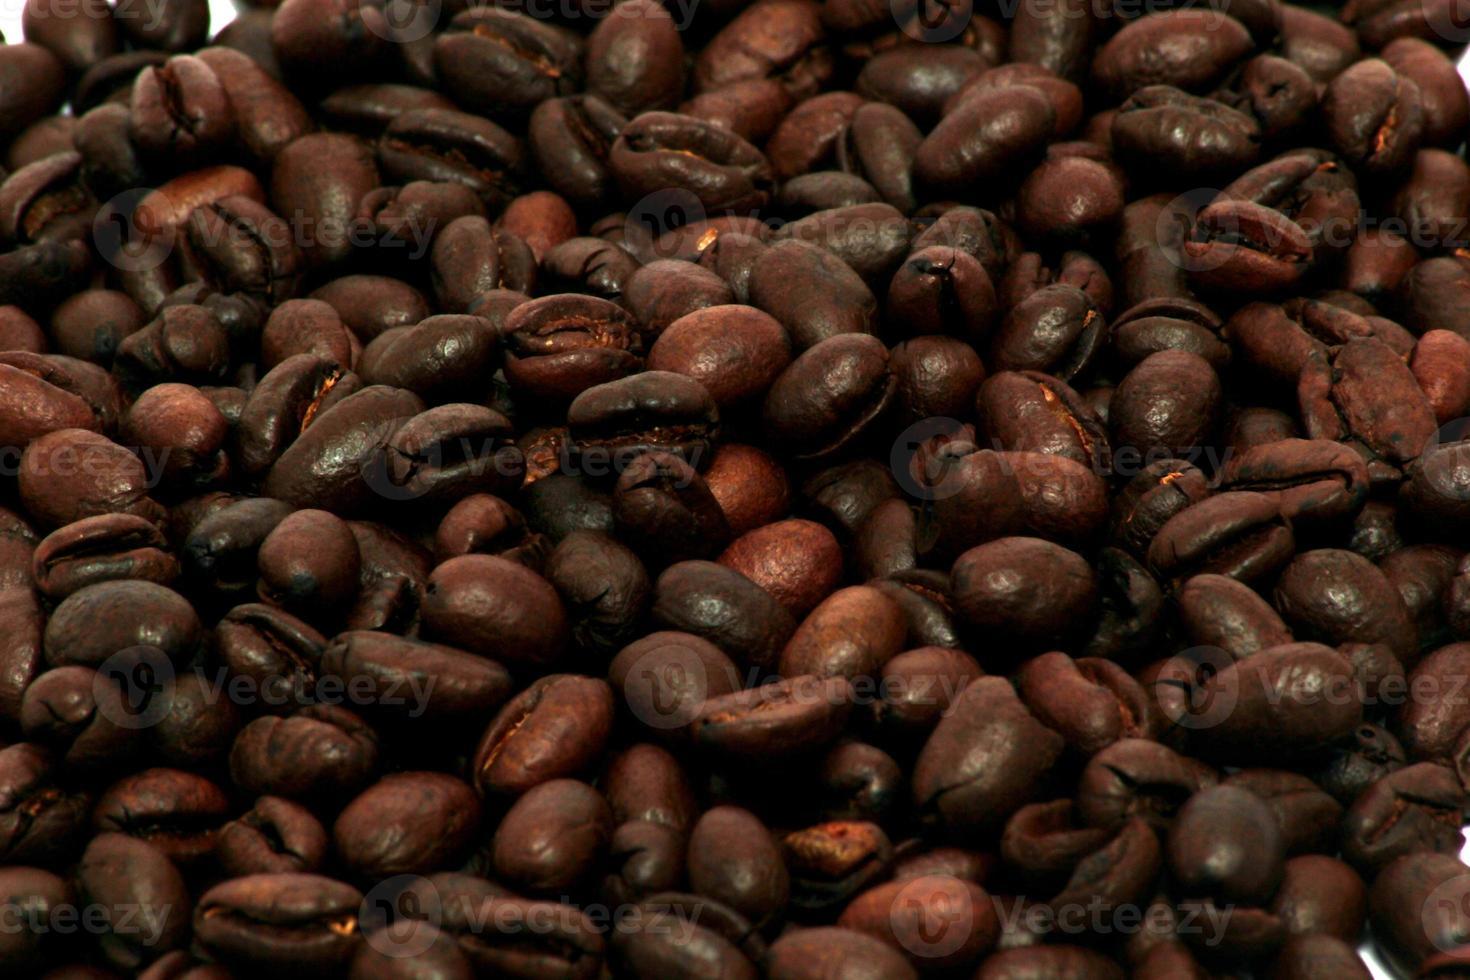 grãos de café peaberry foto